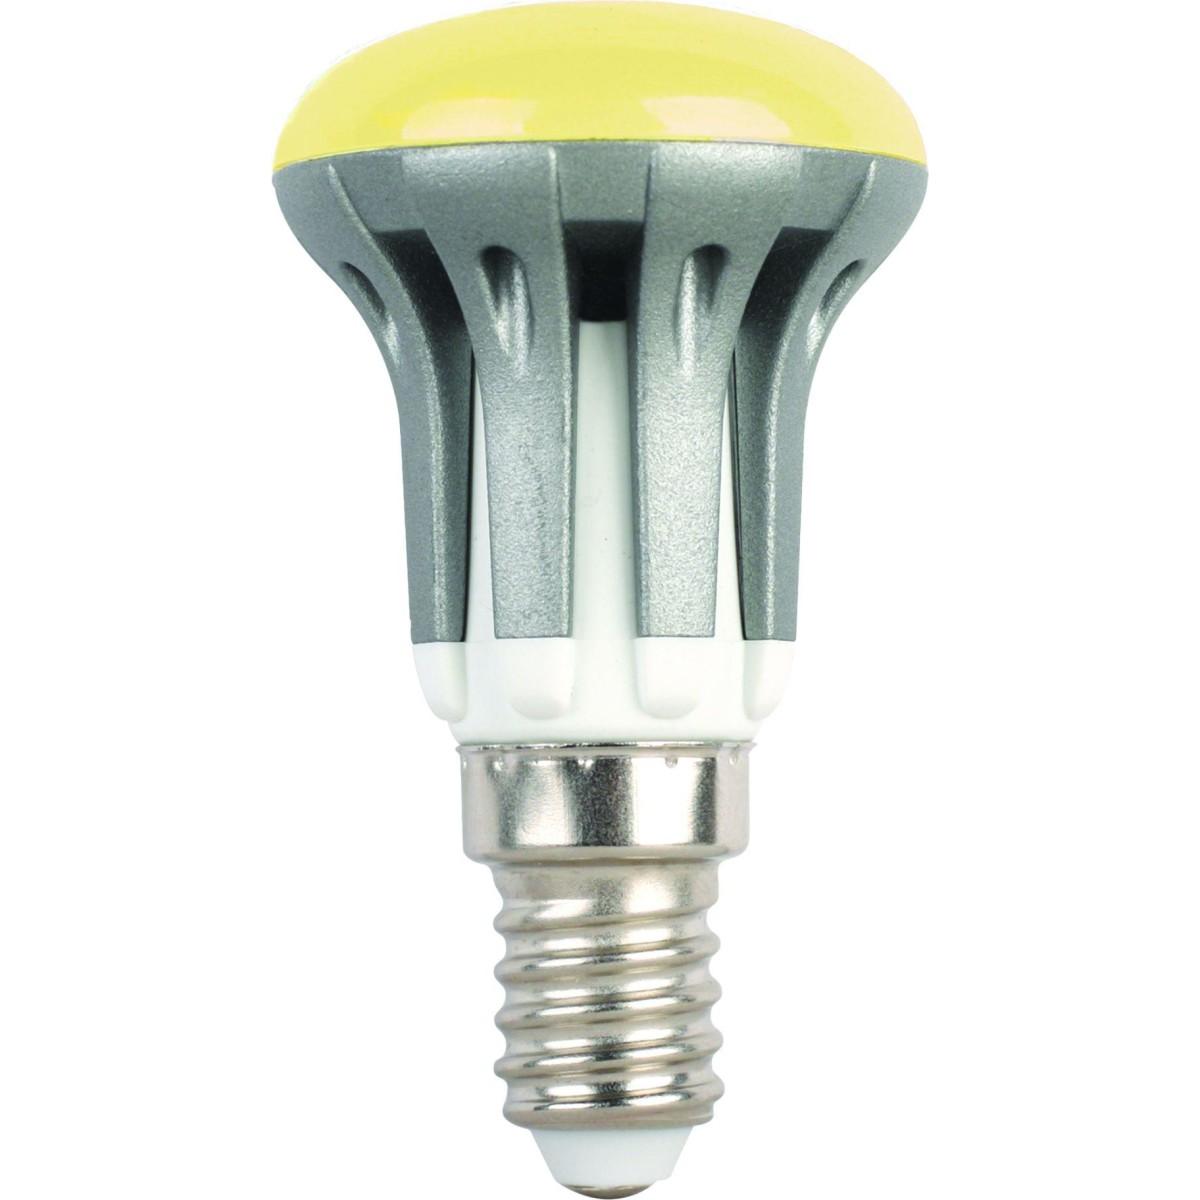 Лампа Ecola стандарт светодионая E14 4 Вт рефлекторная 320 Лм теплый свет